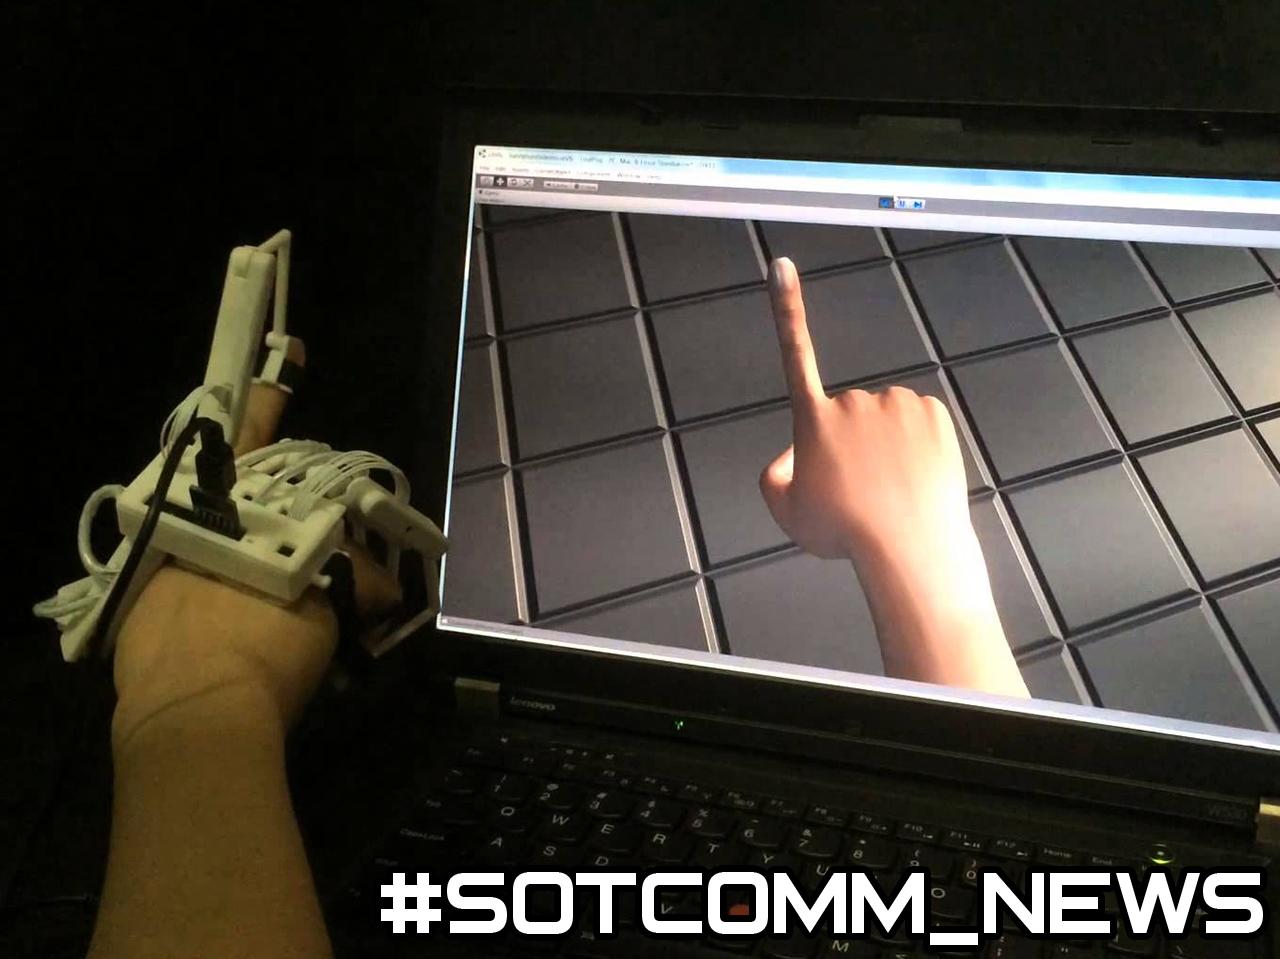 трогать виртуальные объекты